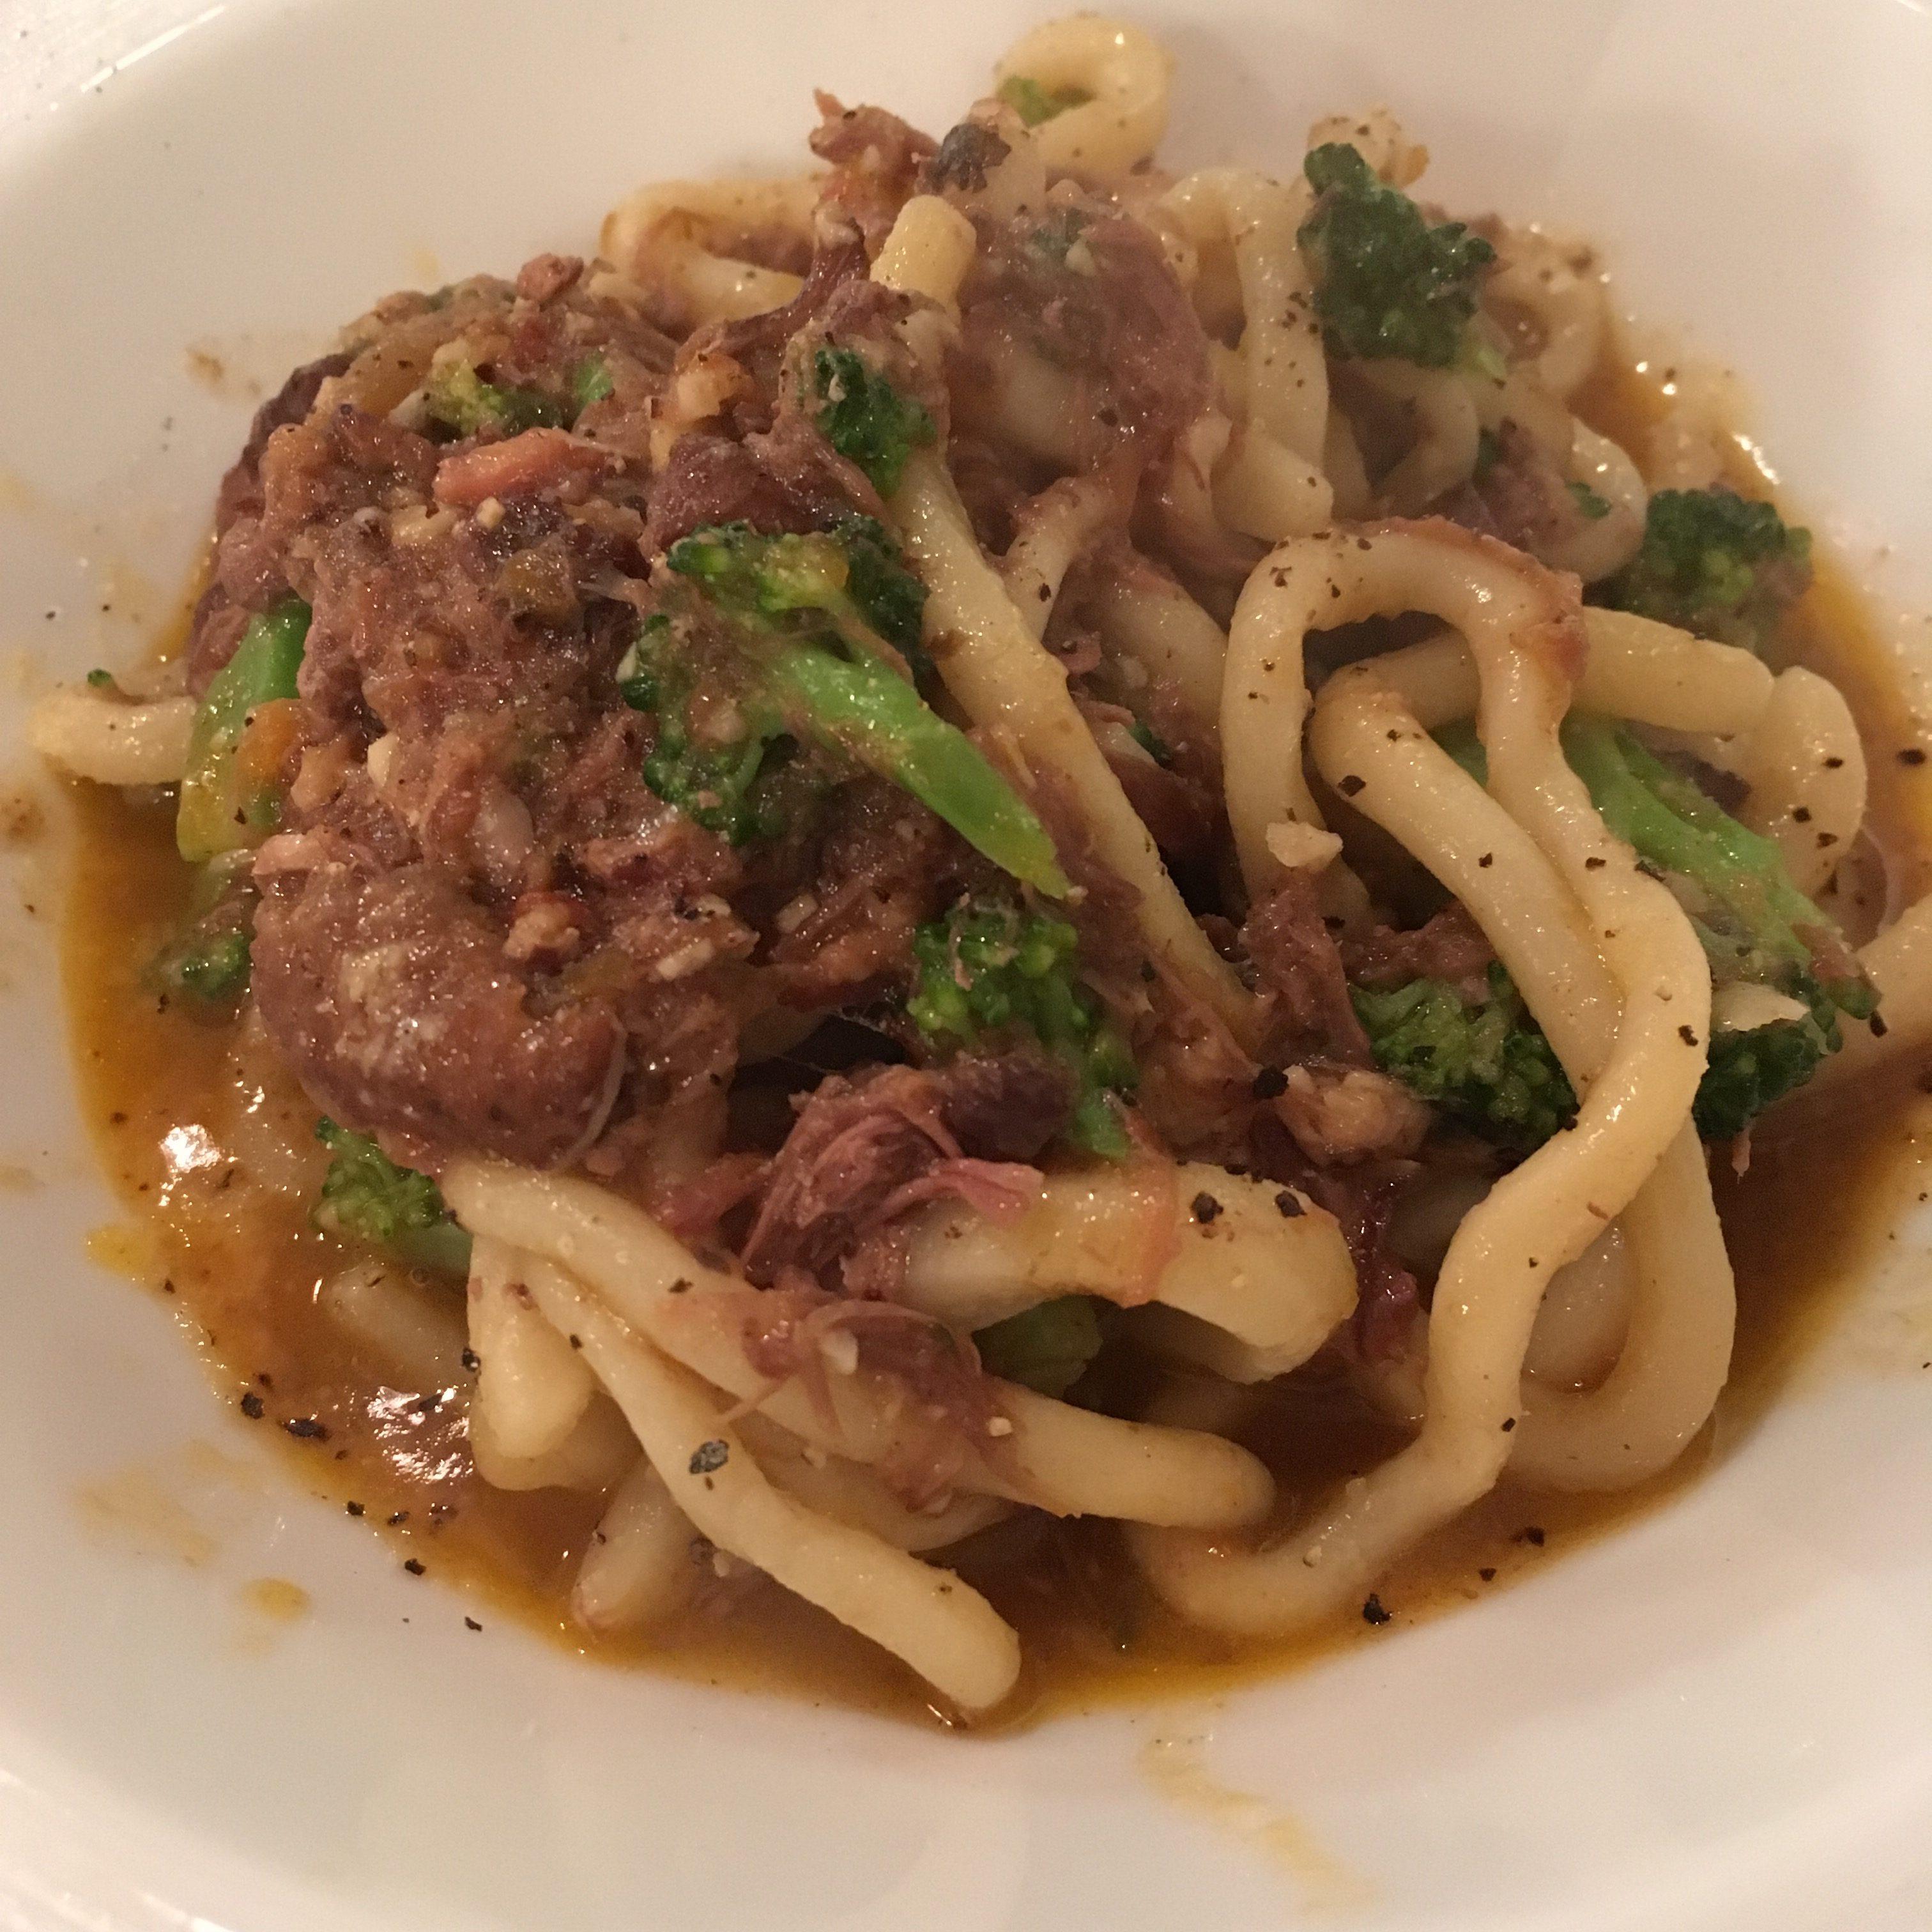 イタリアン好きは必ず抑えたい!岡崎市でトスカーナ料理を提供するサント・スピリト - IMG 6192 e1497254206677